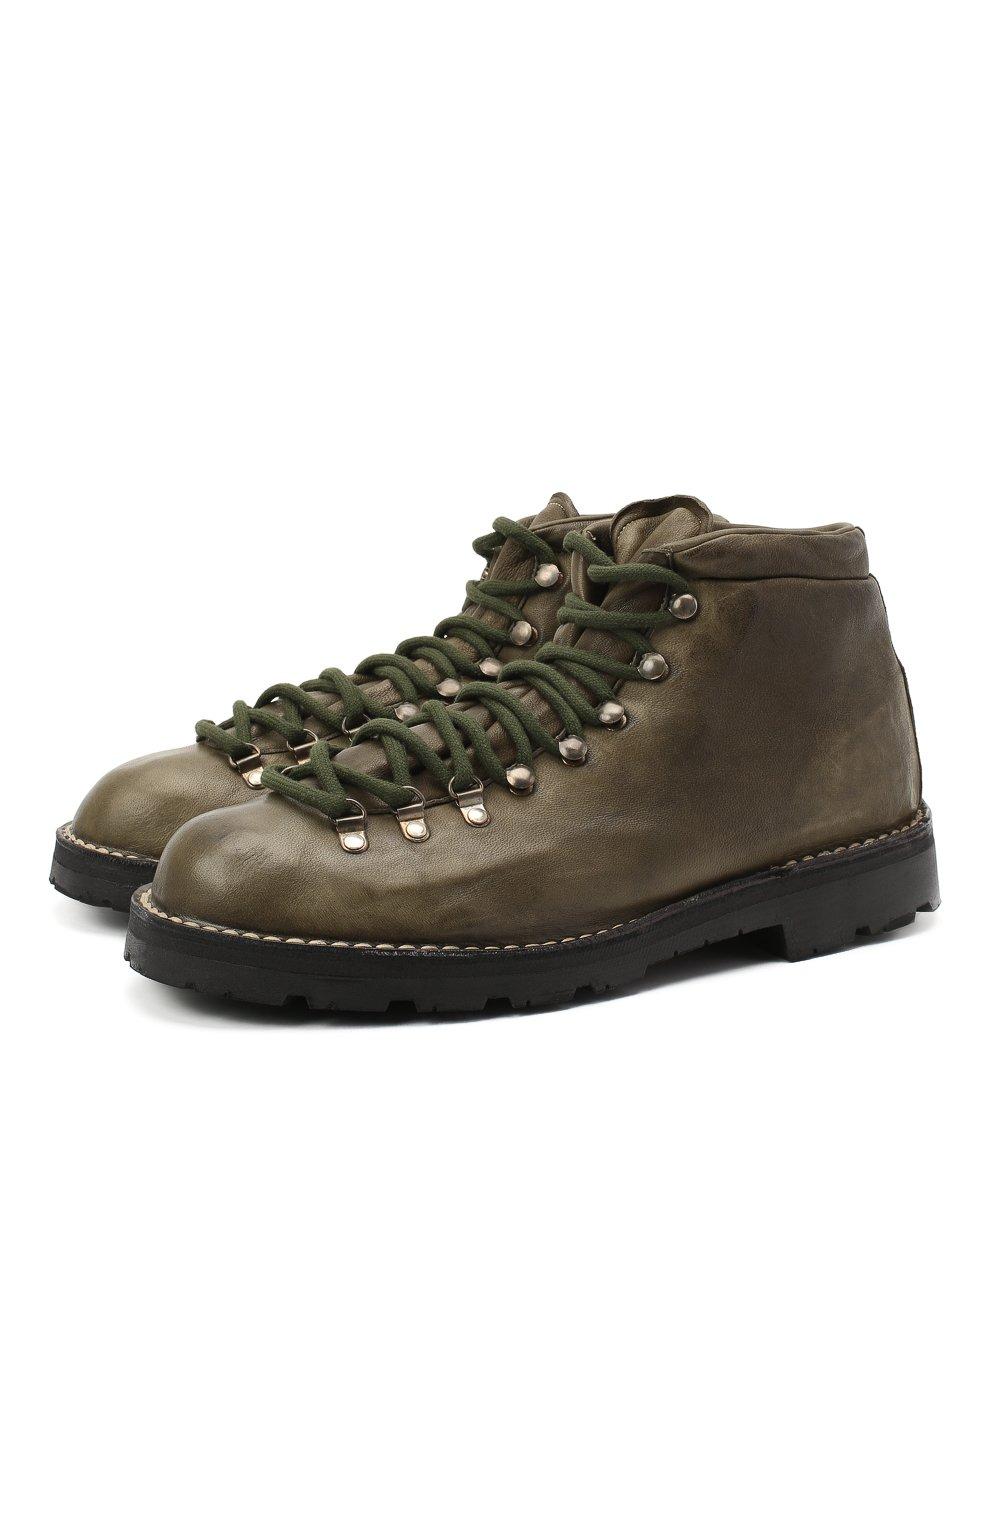 Мужские кожаные ботинки ANDREA VENTURA FIRENZE зеленого цвета, арт. LE APUANE 1/IGNIS WASH/VIBRAM ARCTIC GRIP | Фото 1 (Материал внешний: Кожа; Мужское Кросс-КТ: Хайкеры-обувь, Ботинки-обувь; Материал внутренний: Натуральная кожа; Подошва: Плоская)